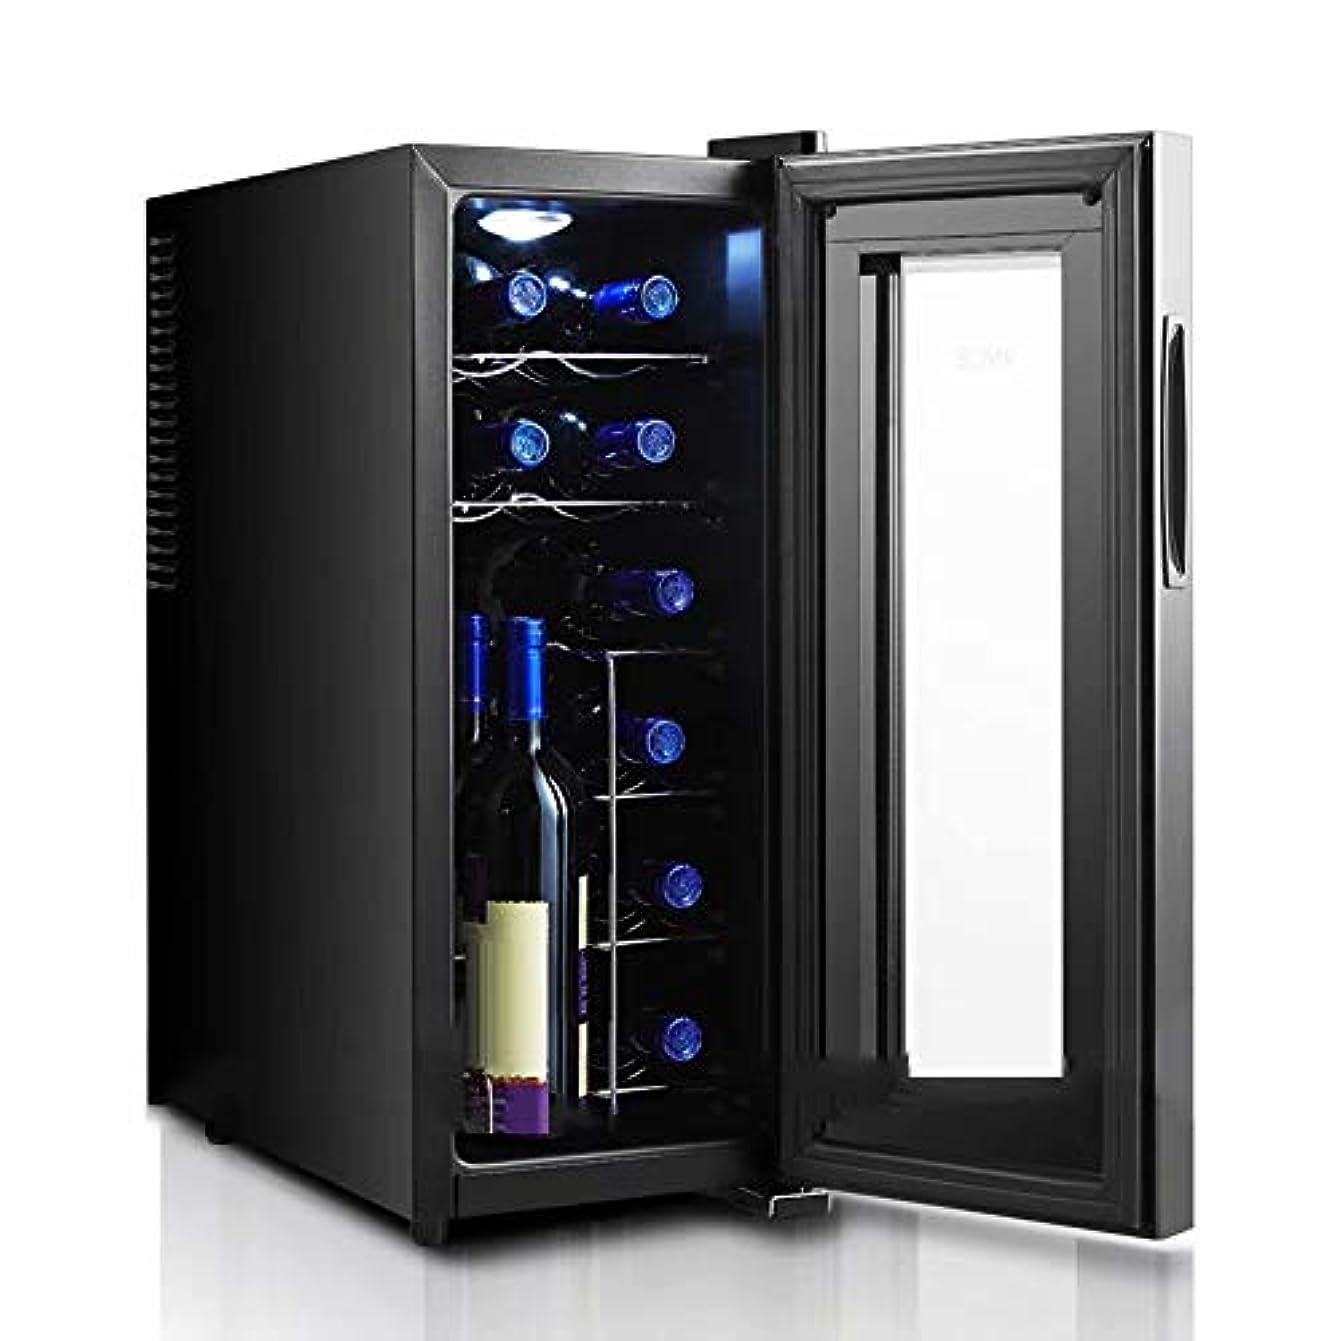 常習的昆虫を見る食品ワインセラー-コンプレッサー自立型ワインクーラーチラー-ワインクーラー/キャビネット飲料冷蔵庫小型ミニレッド/ビールとシャンパン-デジタル温度表示-静かな操作